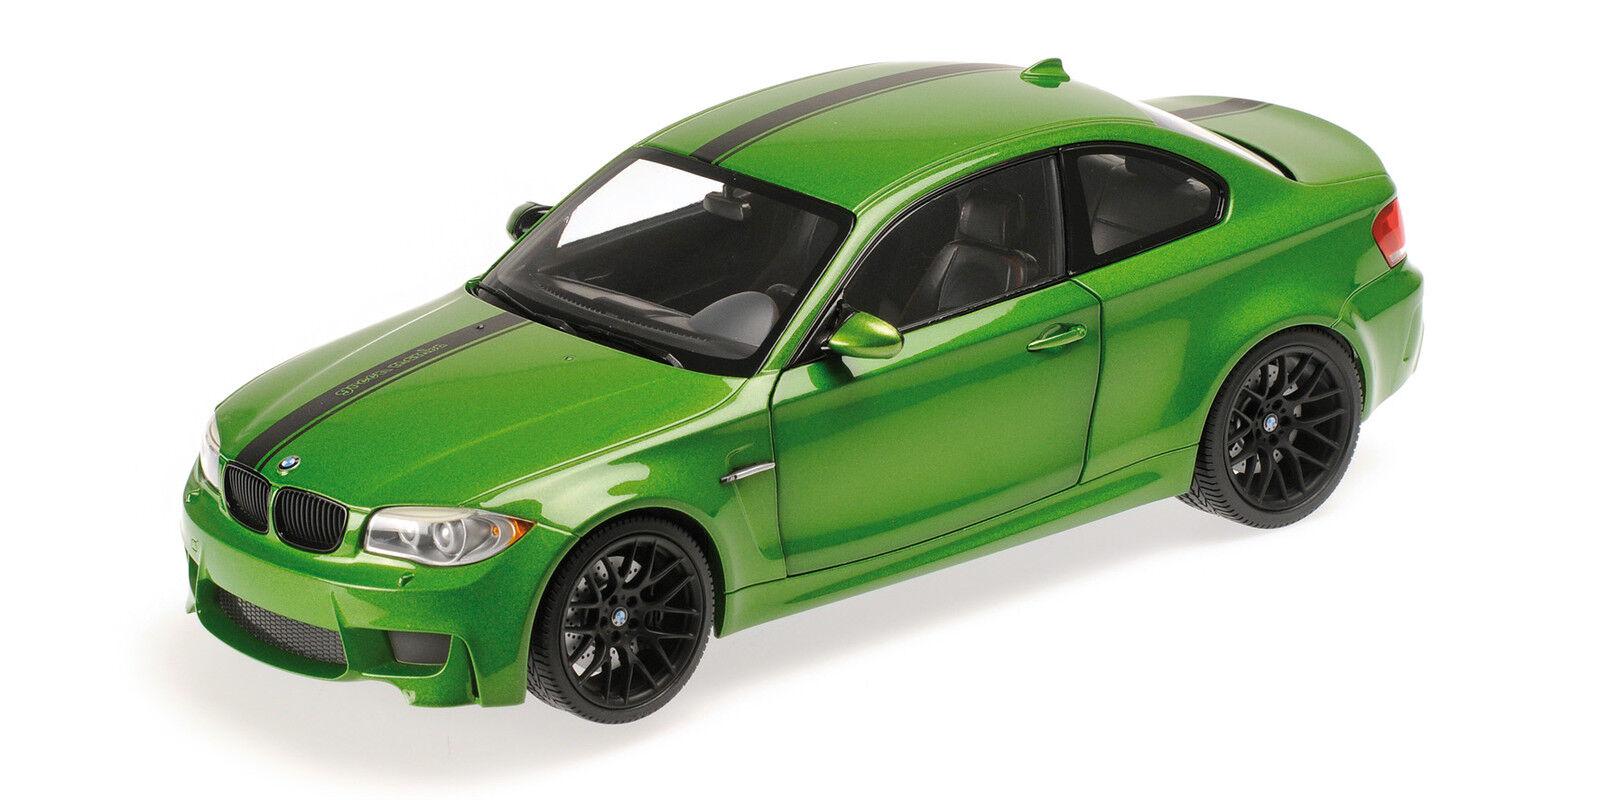 Bmw 1er M Coupe' 2011 vert 1 18  Model 110020024 MINICHAMPS  vente discount